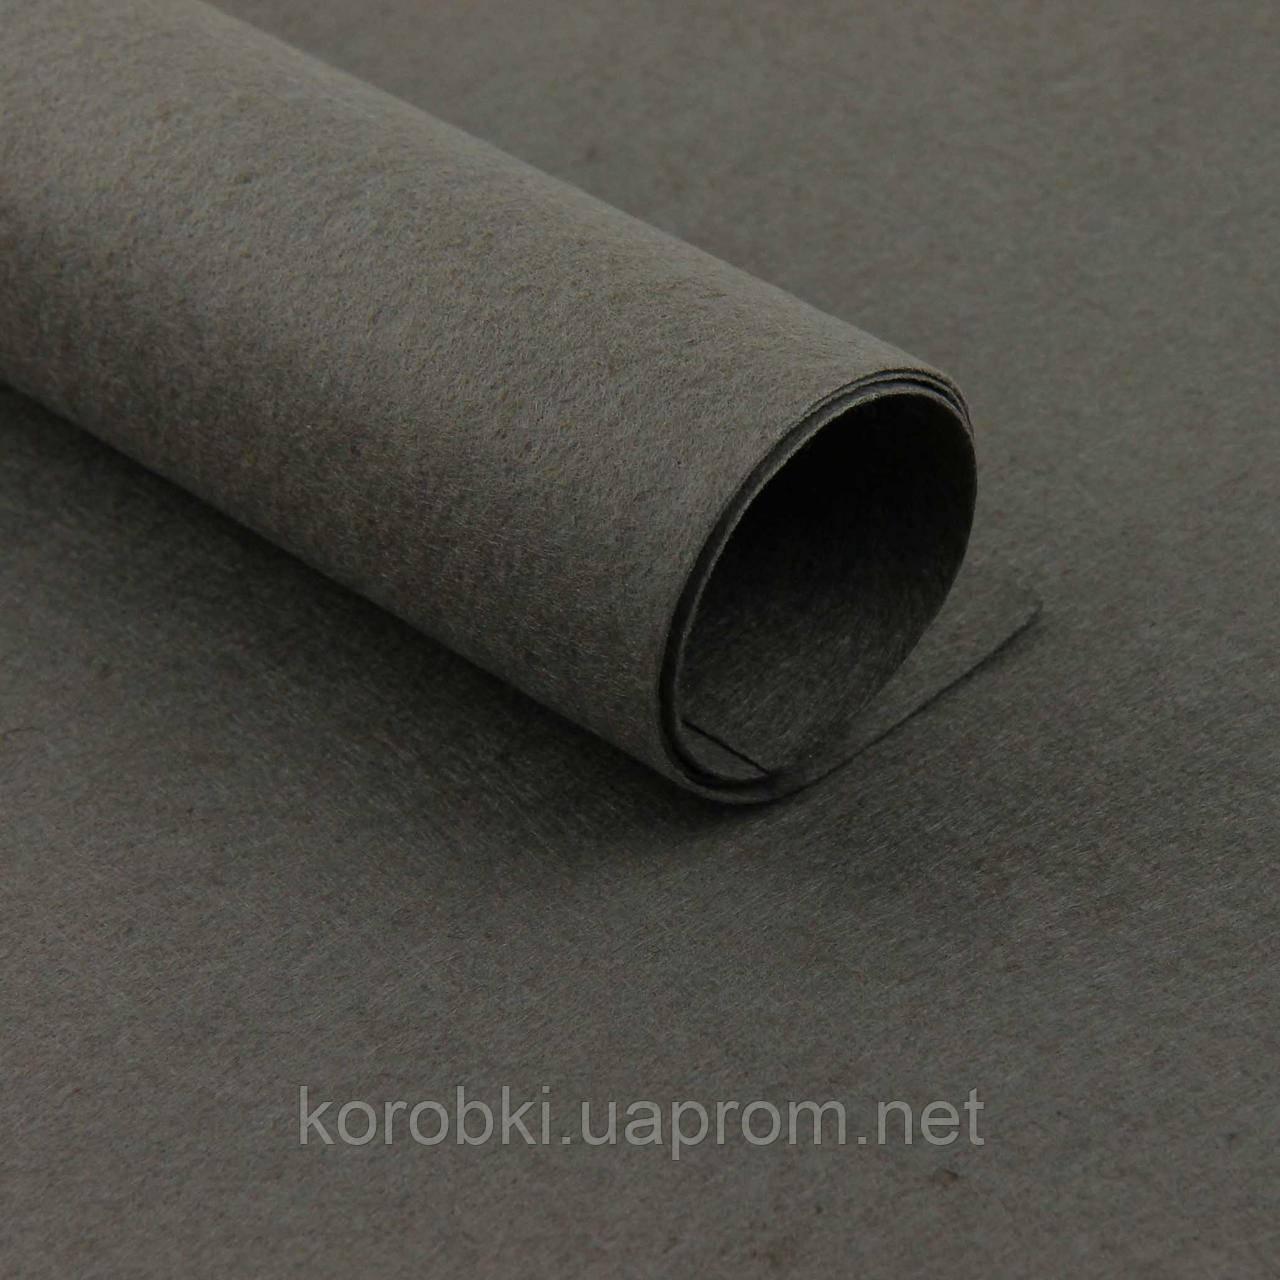 Фетр однотонный, цвет D18, 1824243-1 (70*50 см, толщина 1 мм, 10 листов в упаковке)